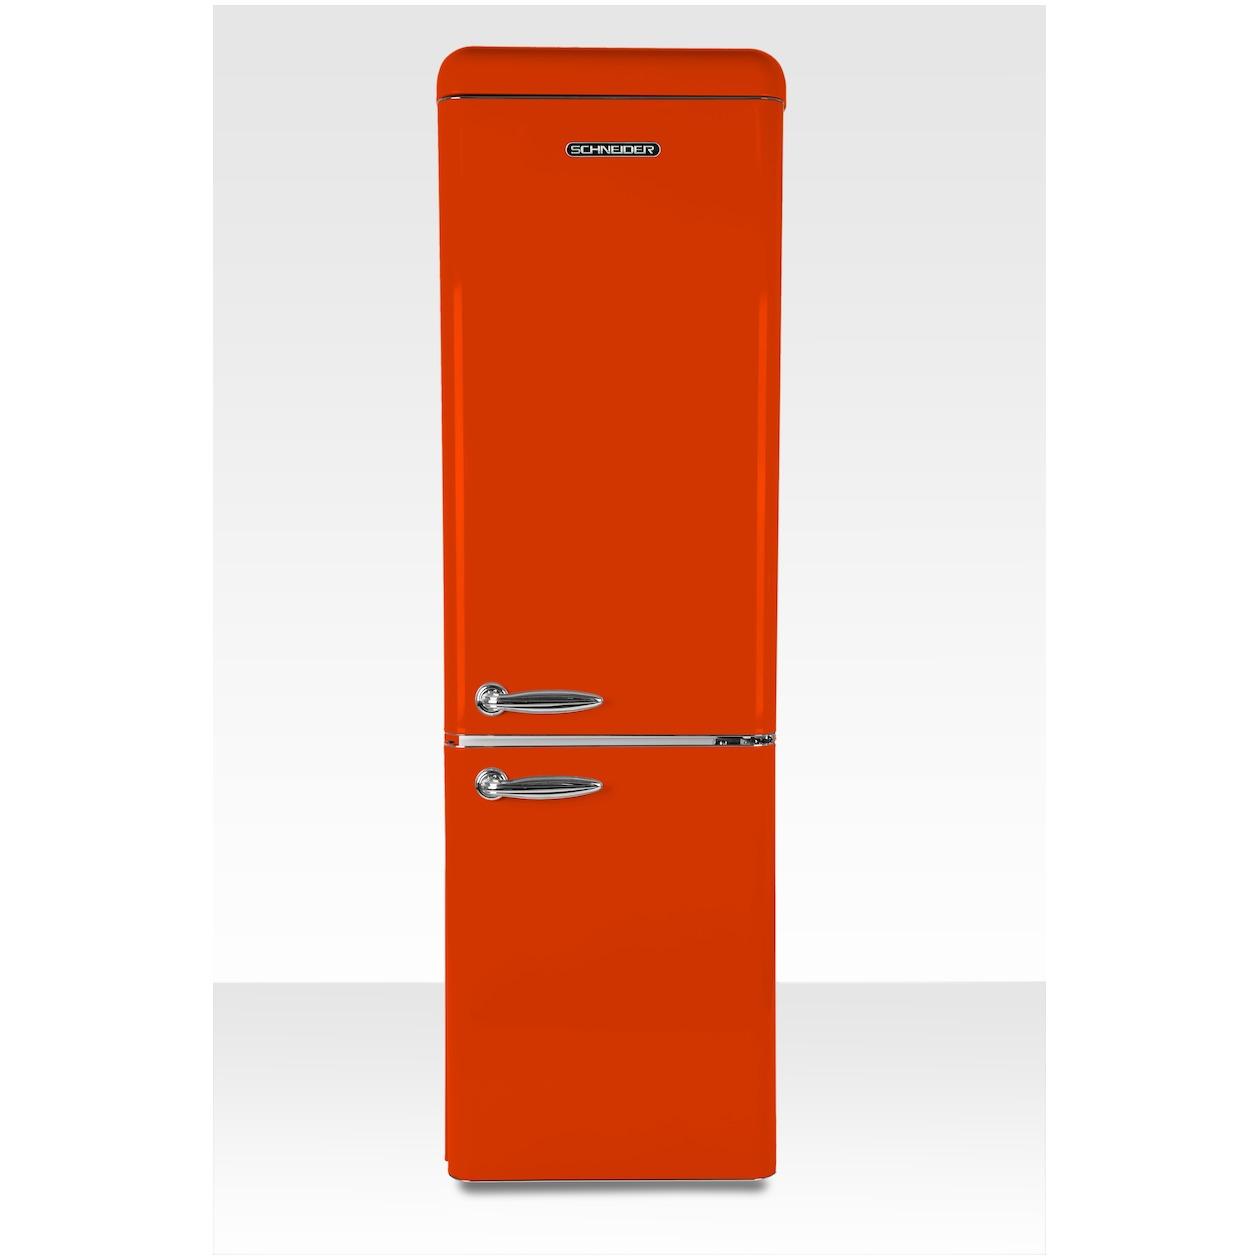 Schneider koelkast met vriesvak SL 250 O-CB A++ Orange